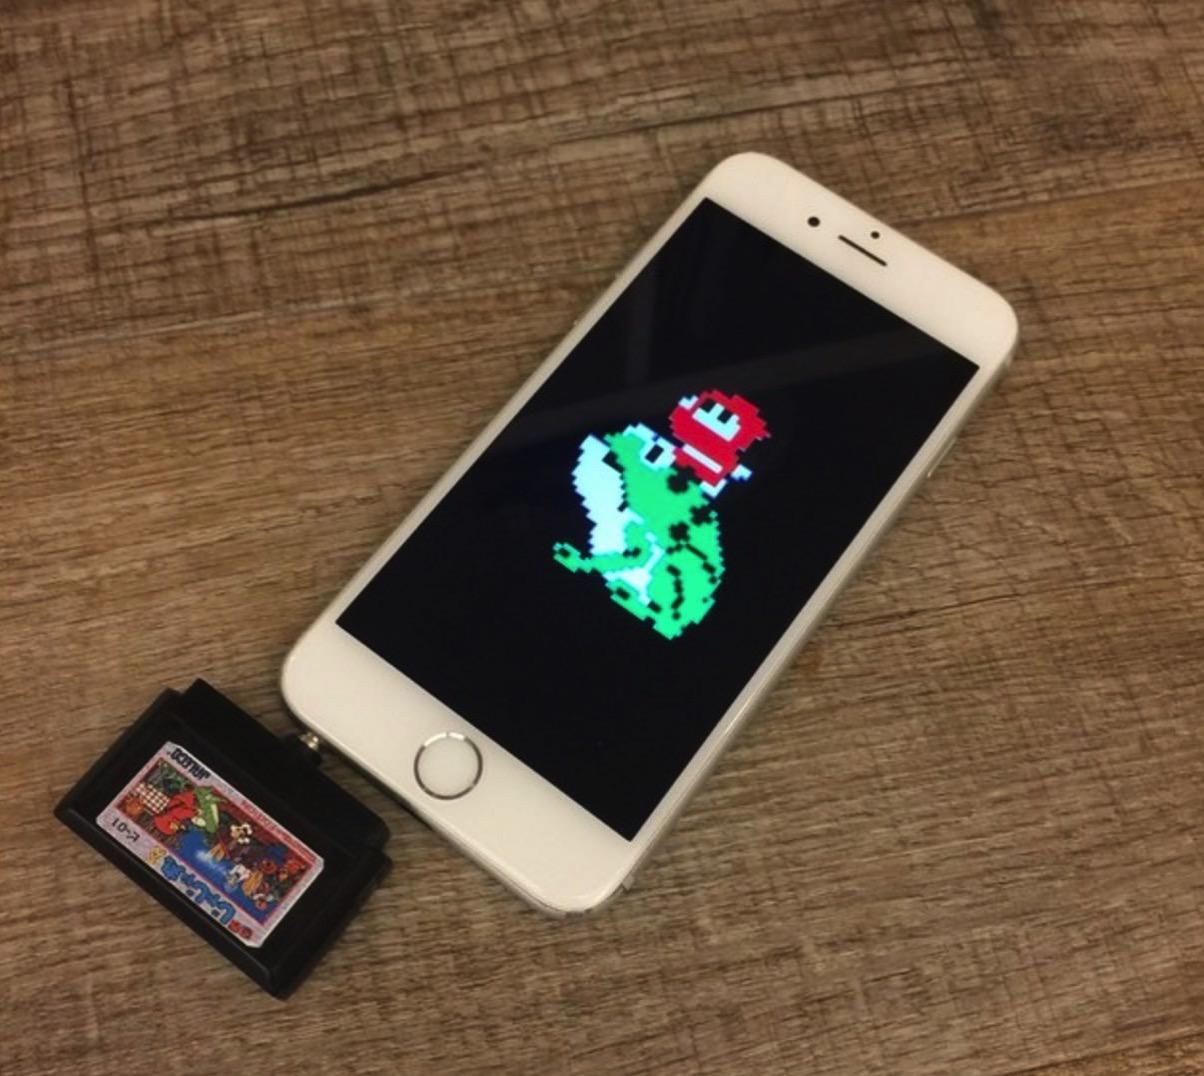 スマホのイヤホンジャックに挿すゲームカセット「ピコカセット」Makuakeで出資を募集中